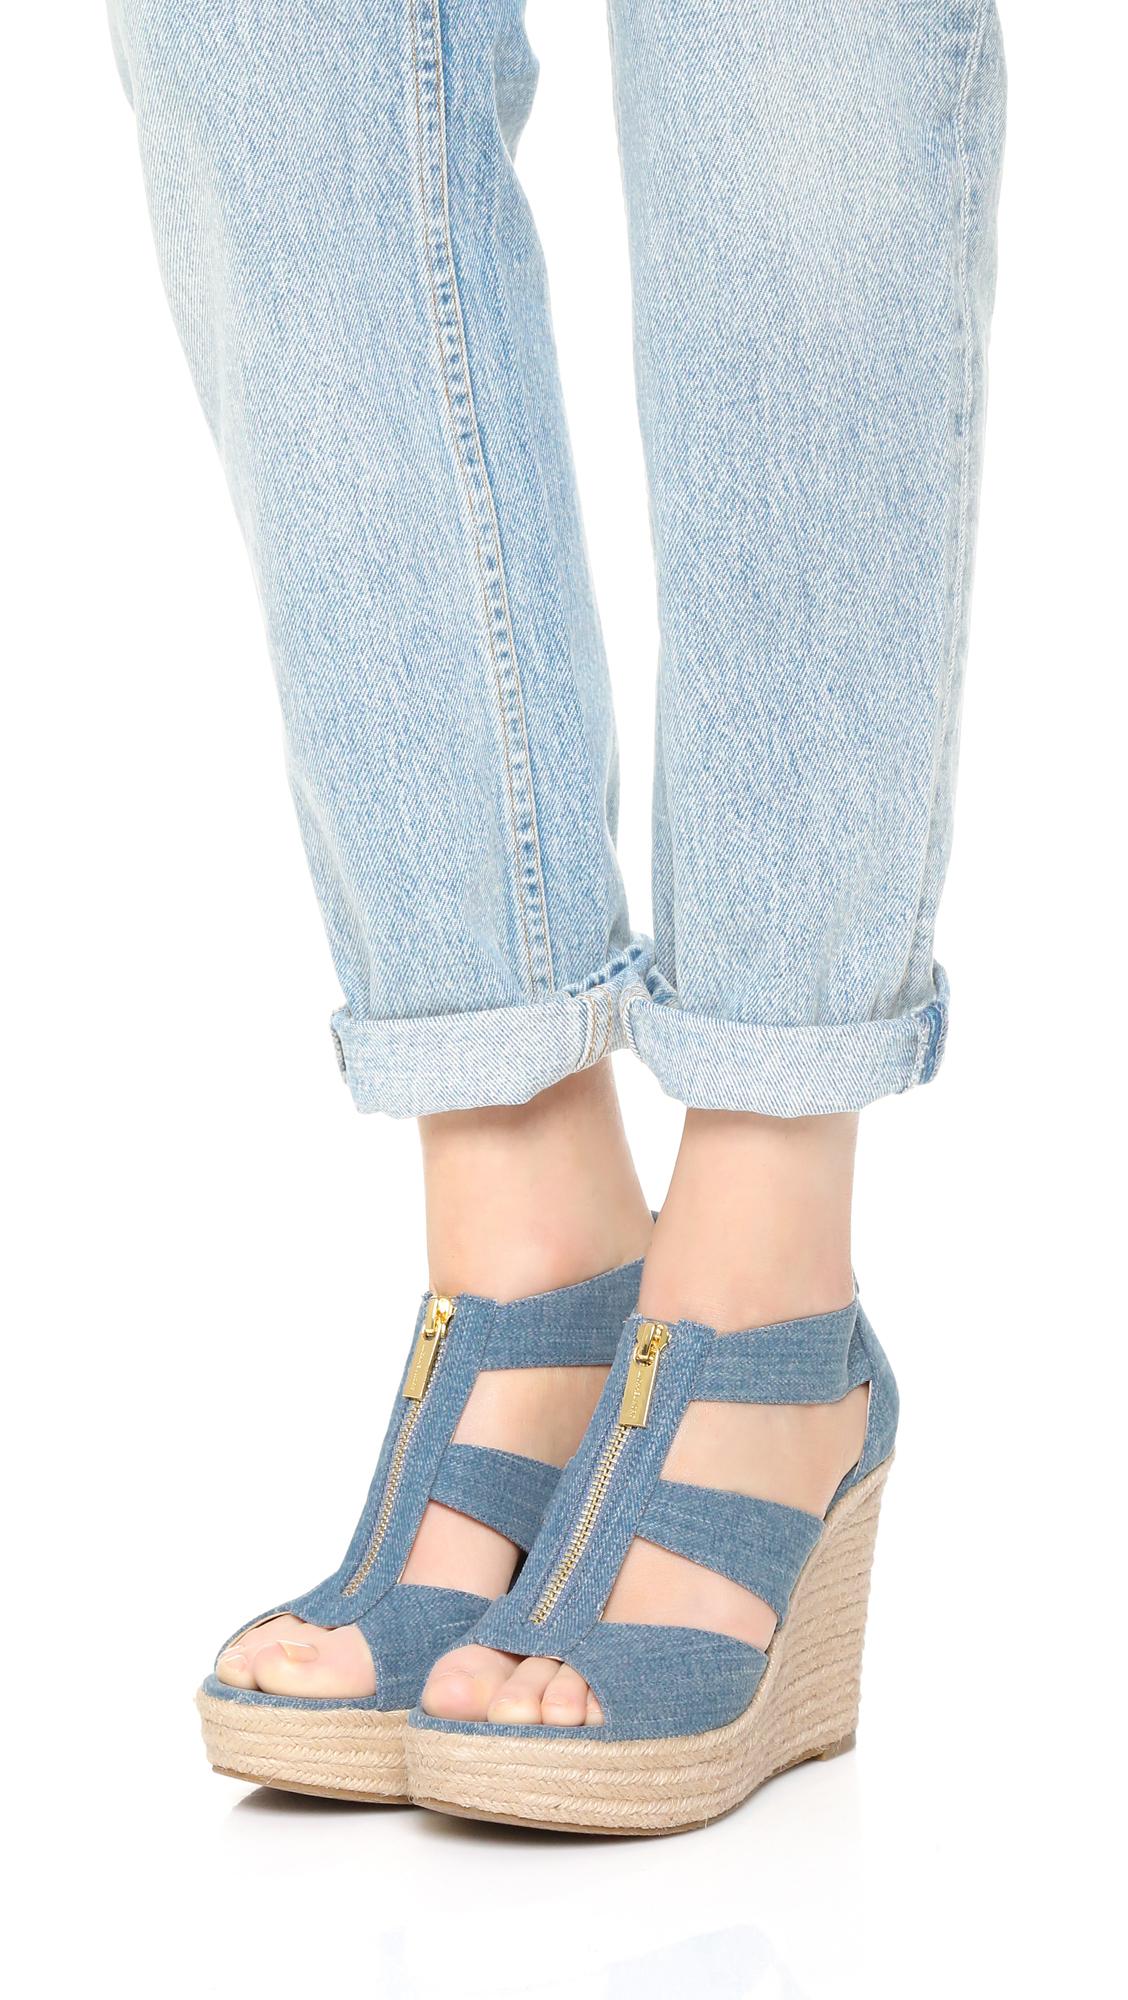 7cfd4fb33d77 MICHAEL Michael Kors Damita Wedge Sandals